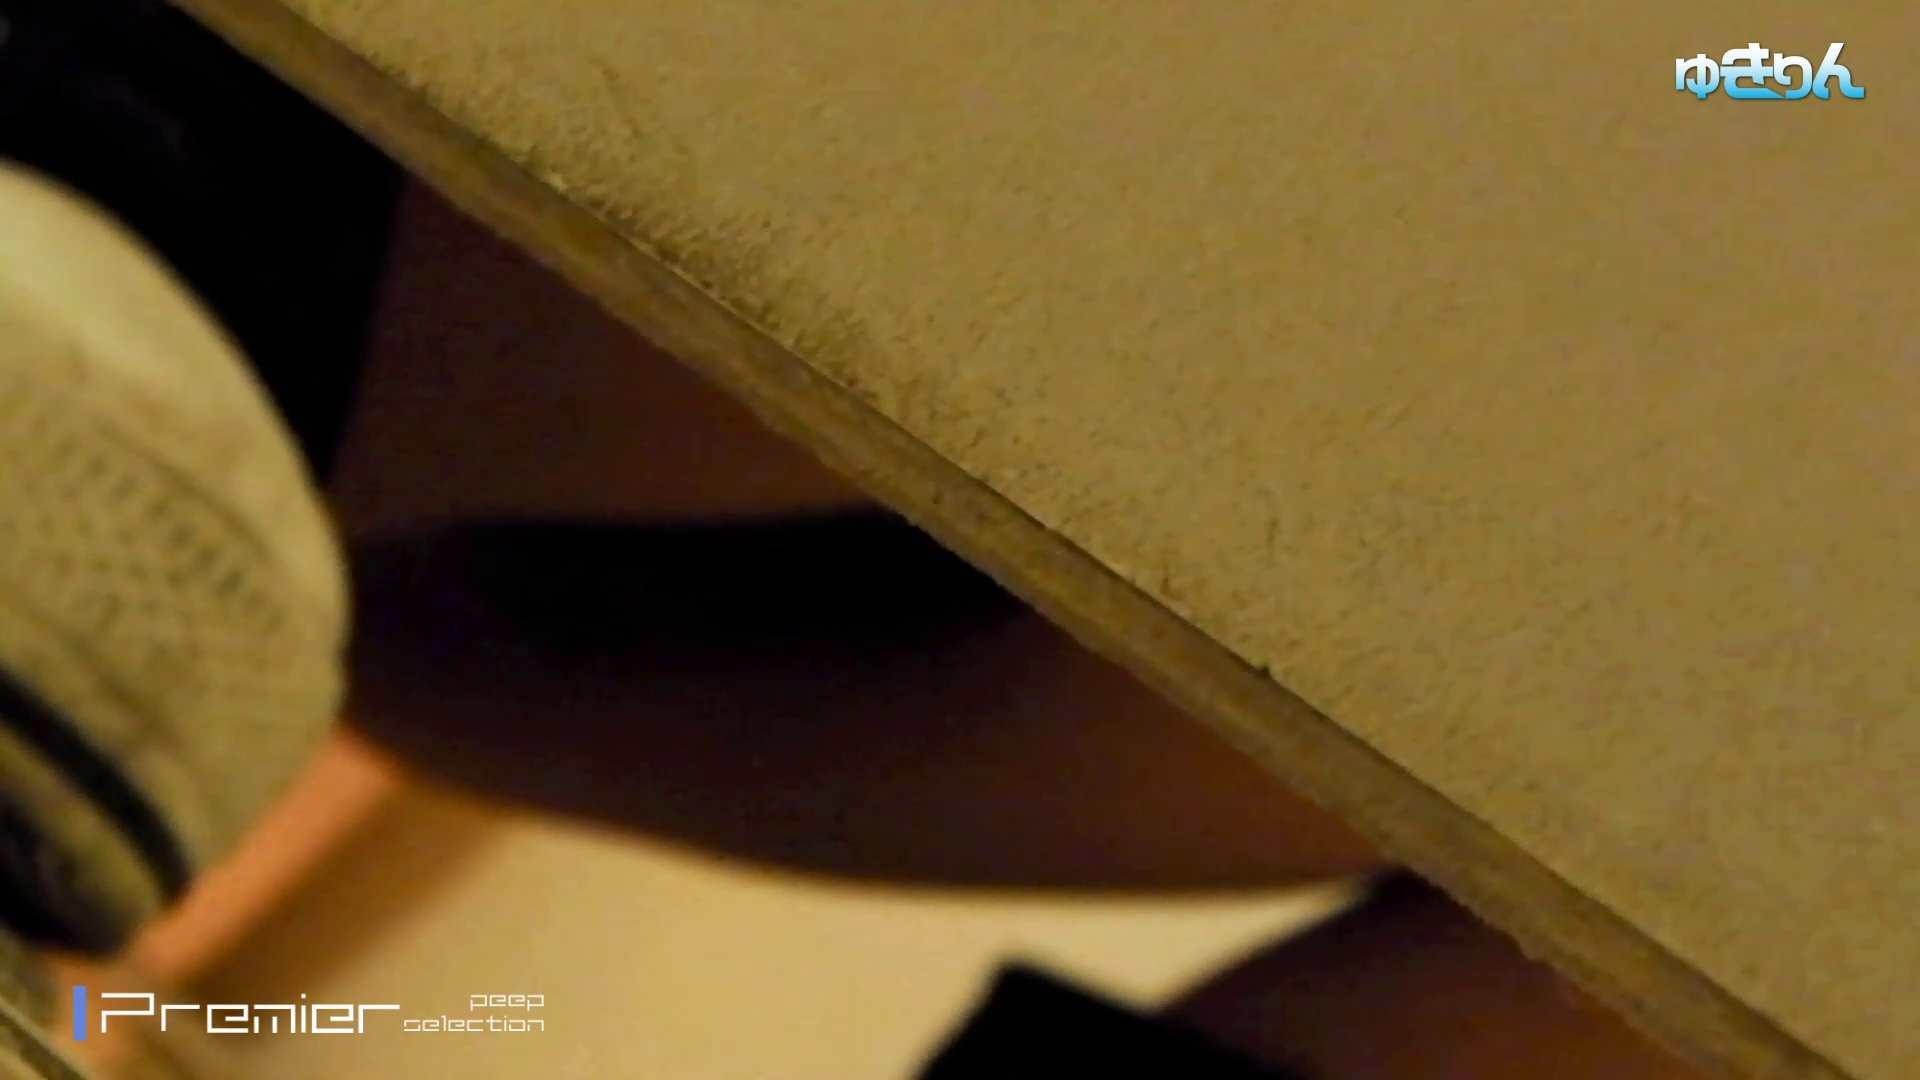 オマンコ丸見え:新世界の射窓 No98 キターッ特別に可愛い子の為、外まで粘着追い撮り!!:怪盗ジョーカー